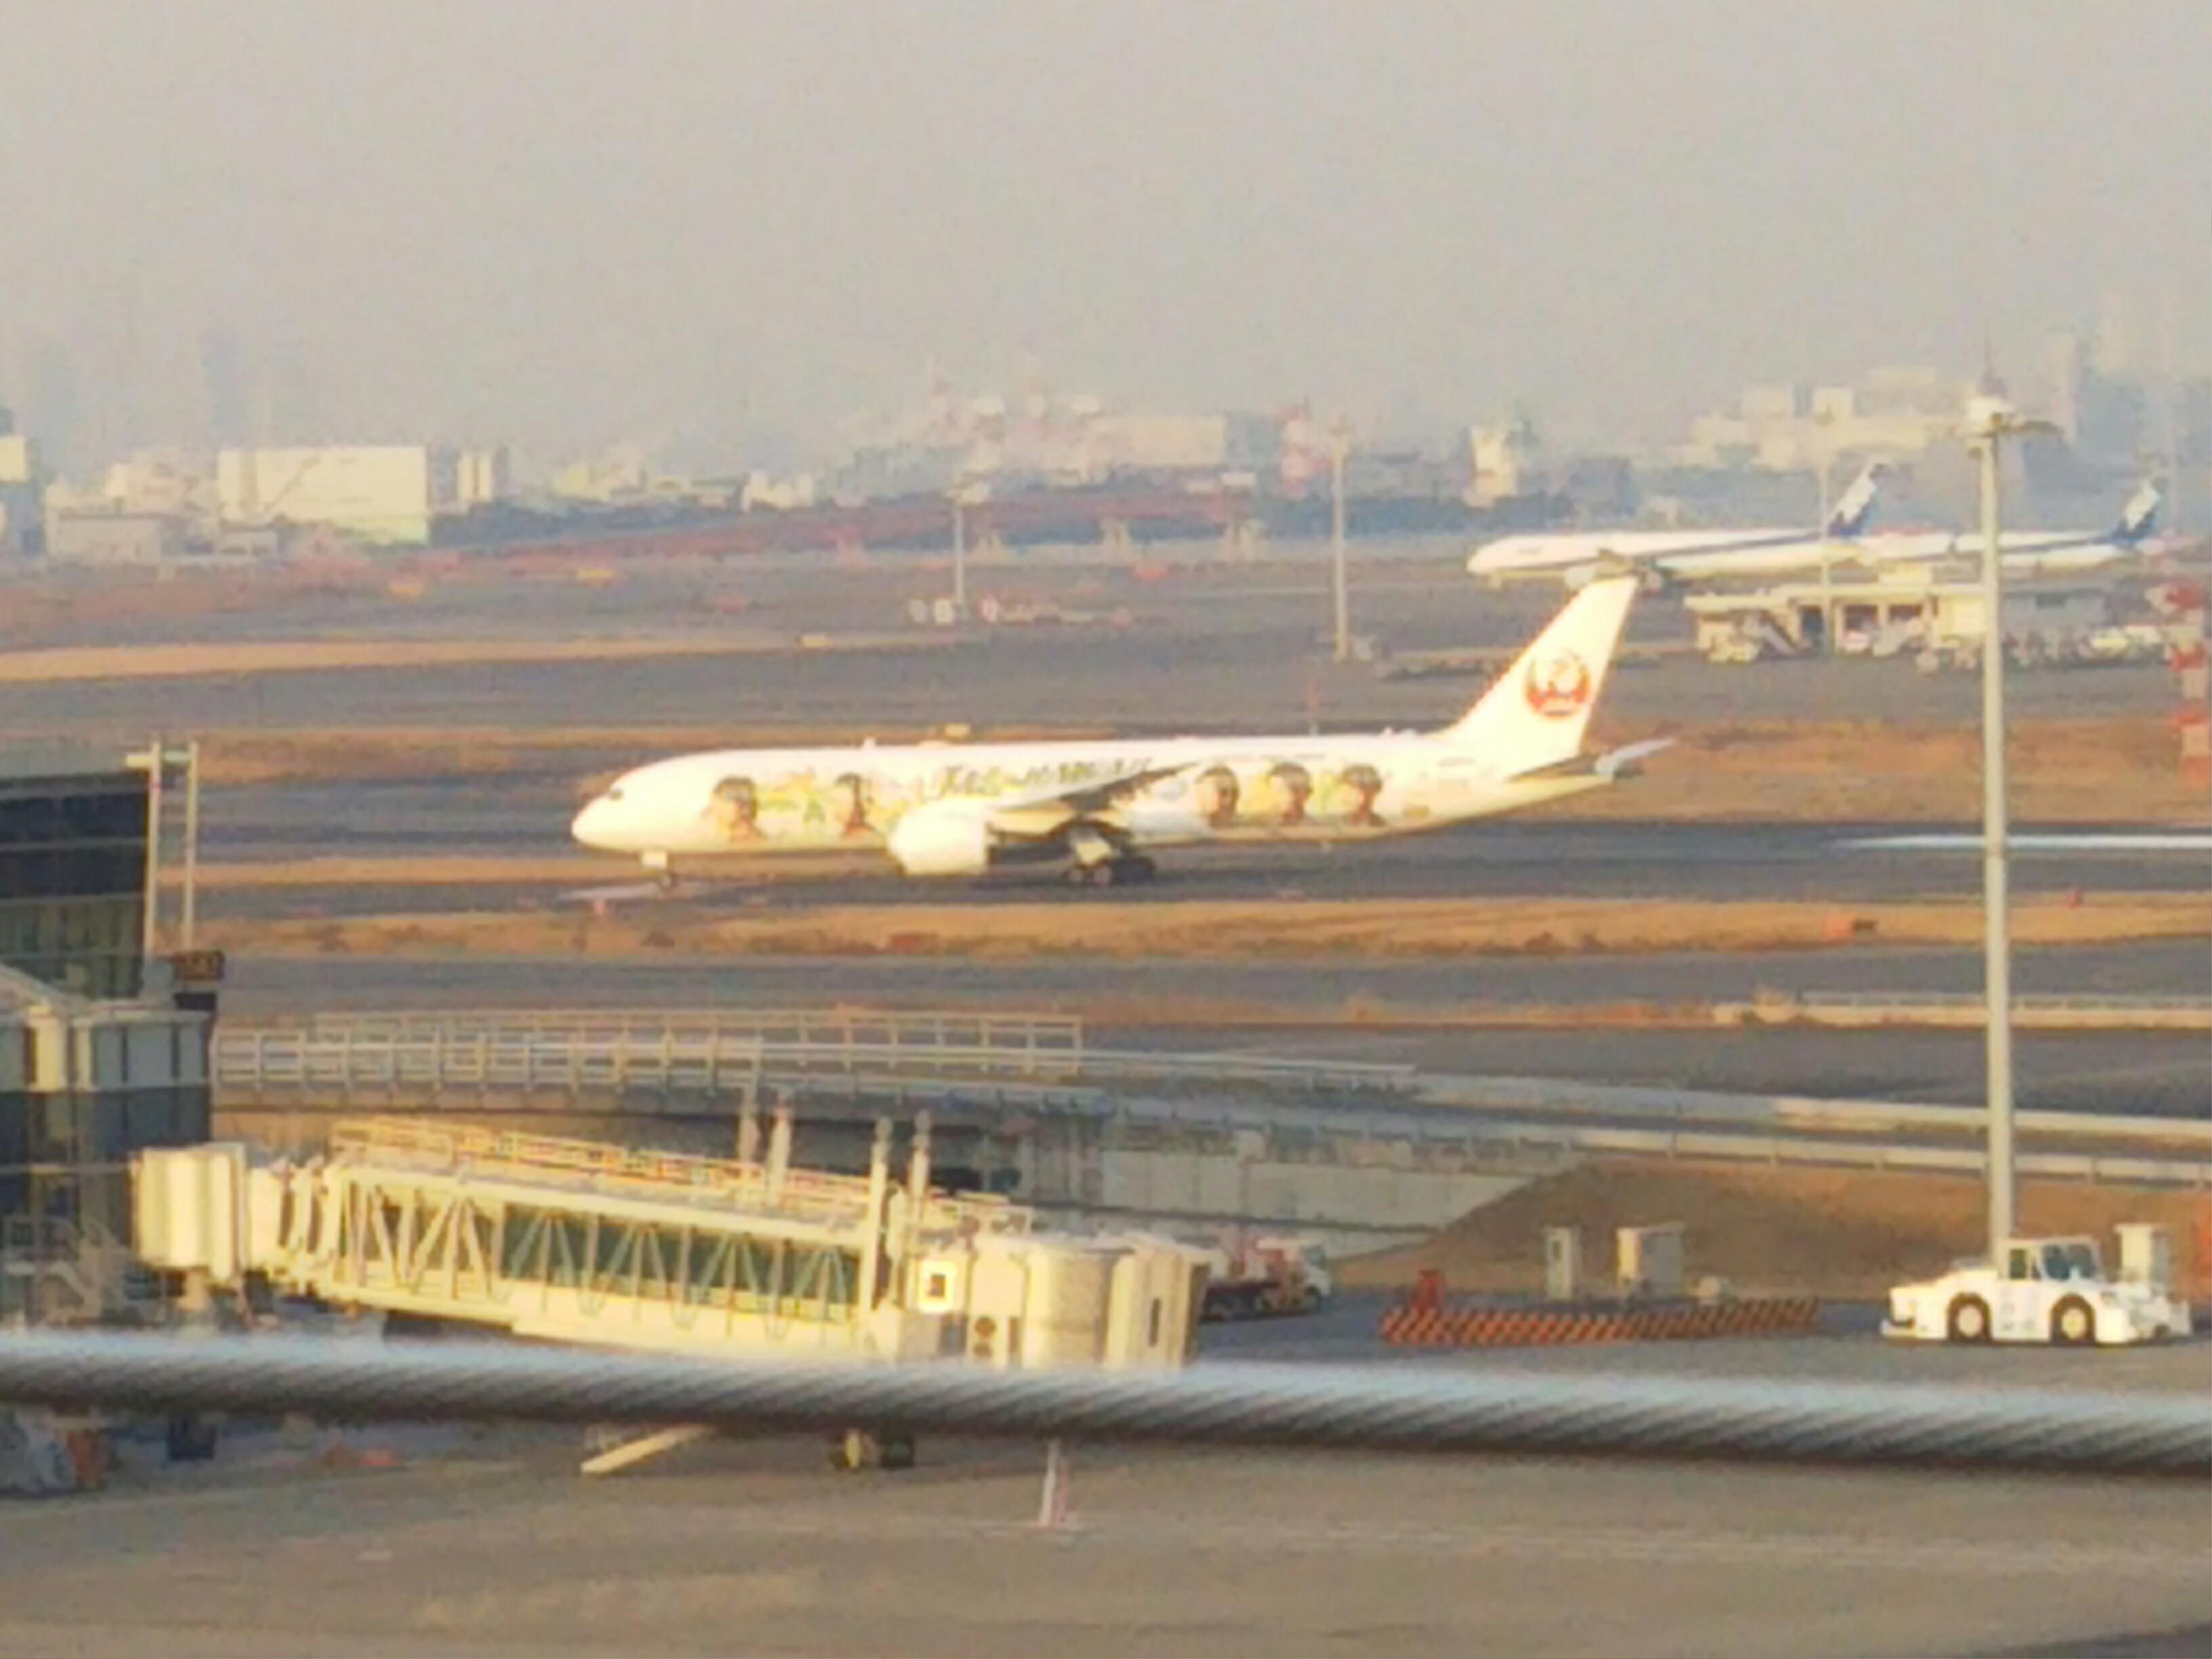 f:id:A350-900:20210109215621j:image